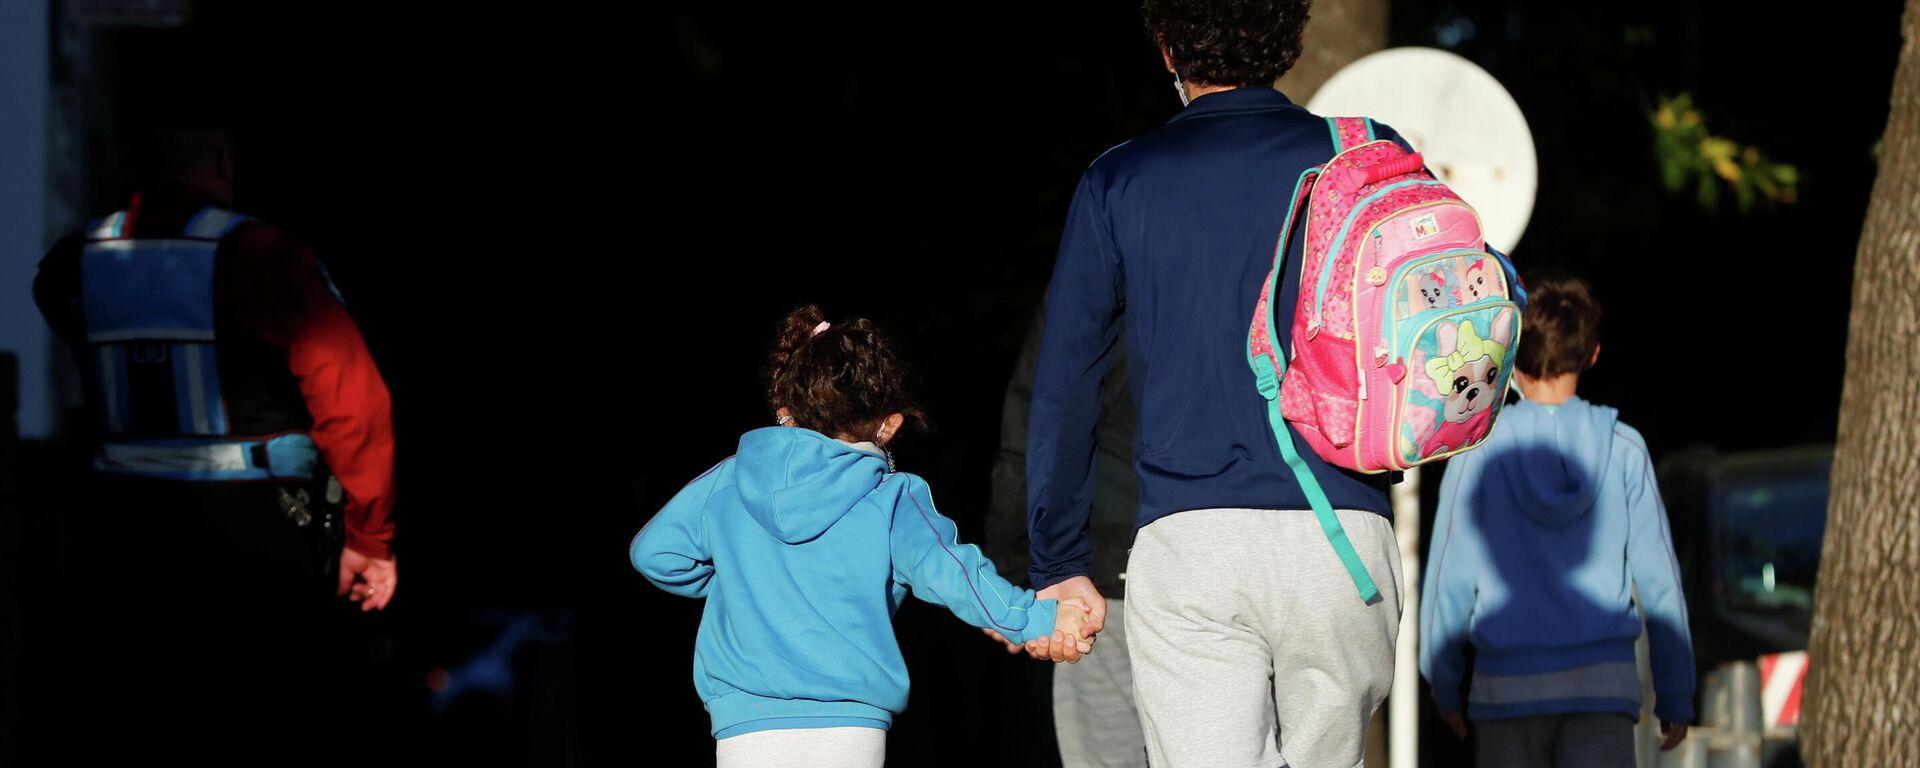 Un hombre lleva a su hija a la escuela en Buenos Aires - Sputnik Mundo, 1920, 19.04.2021